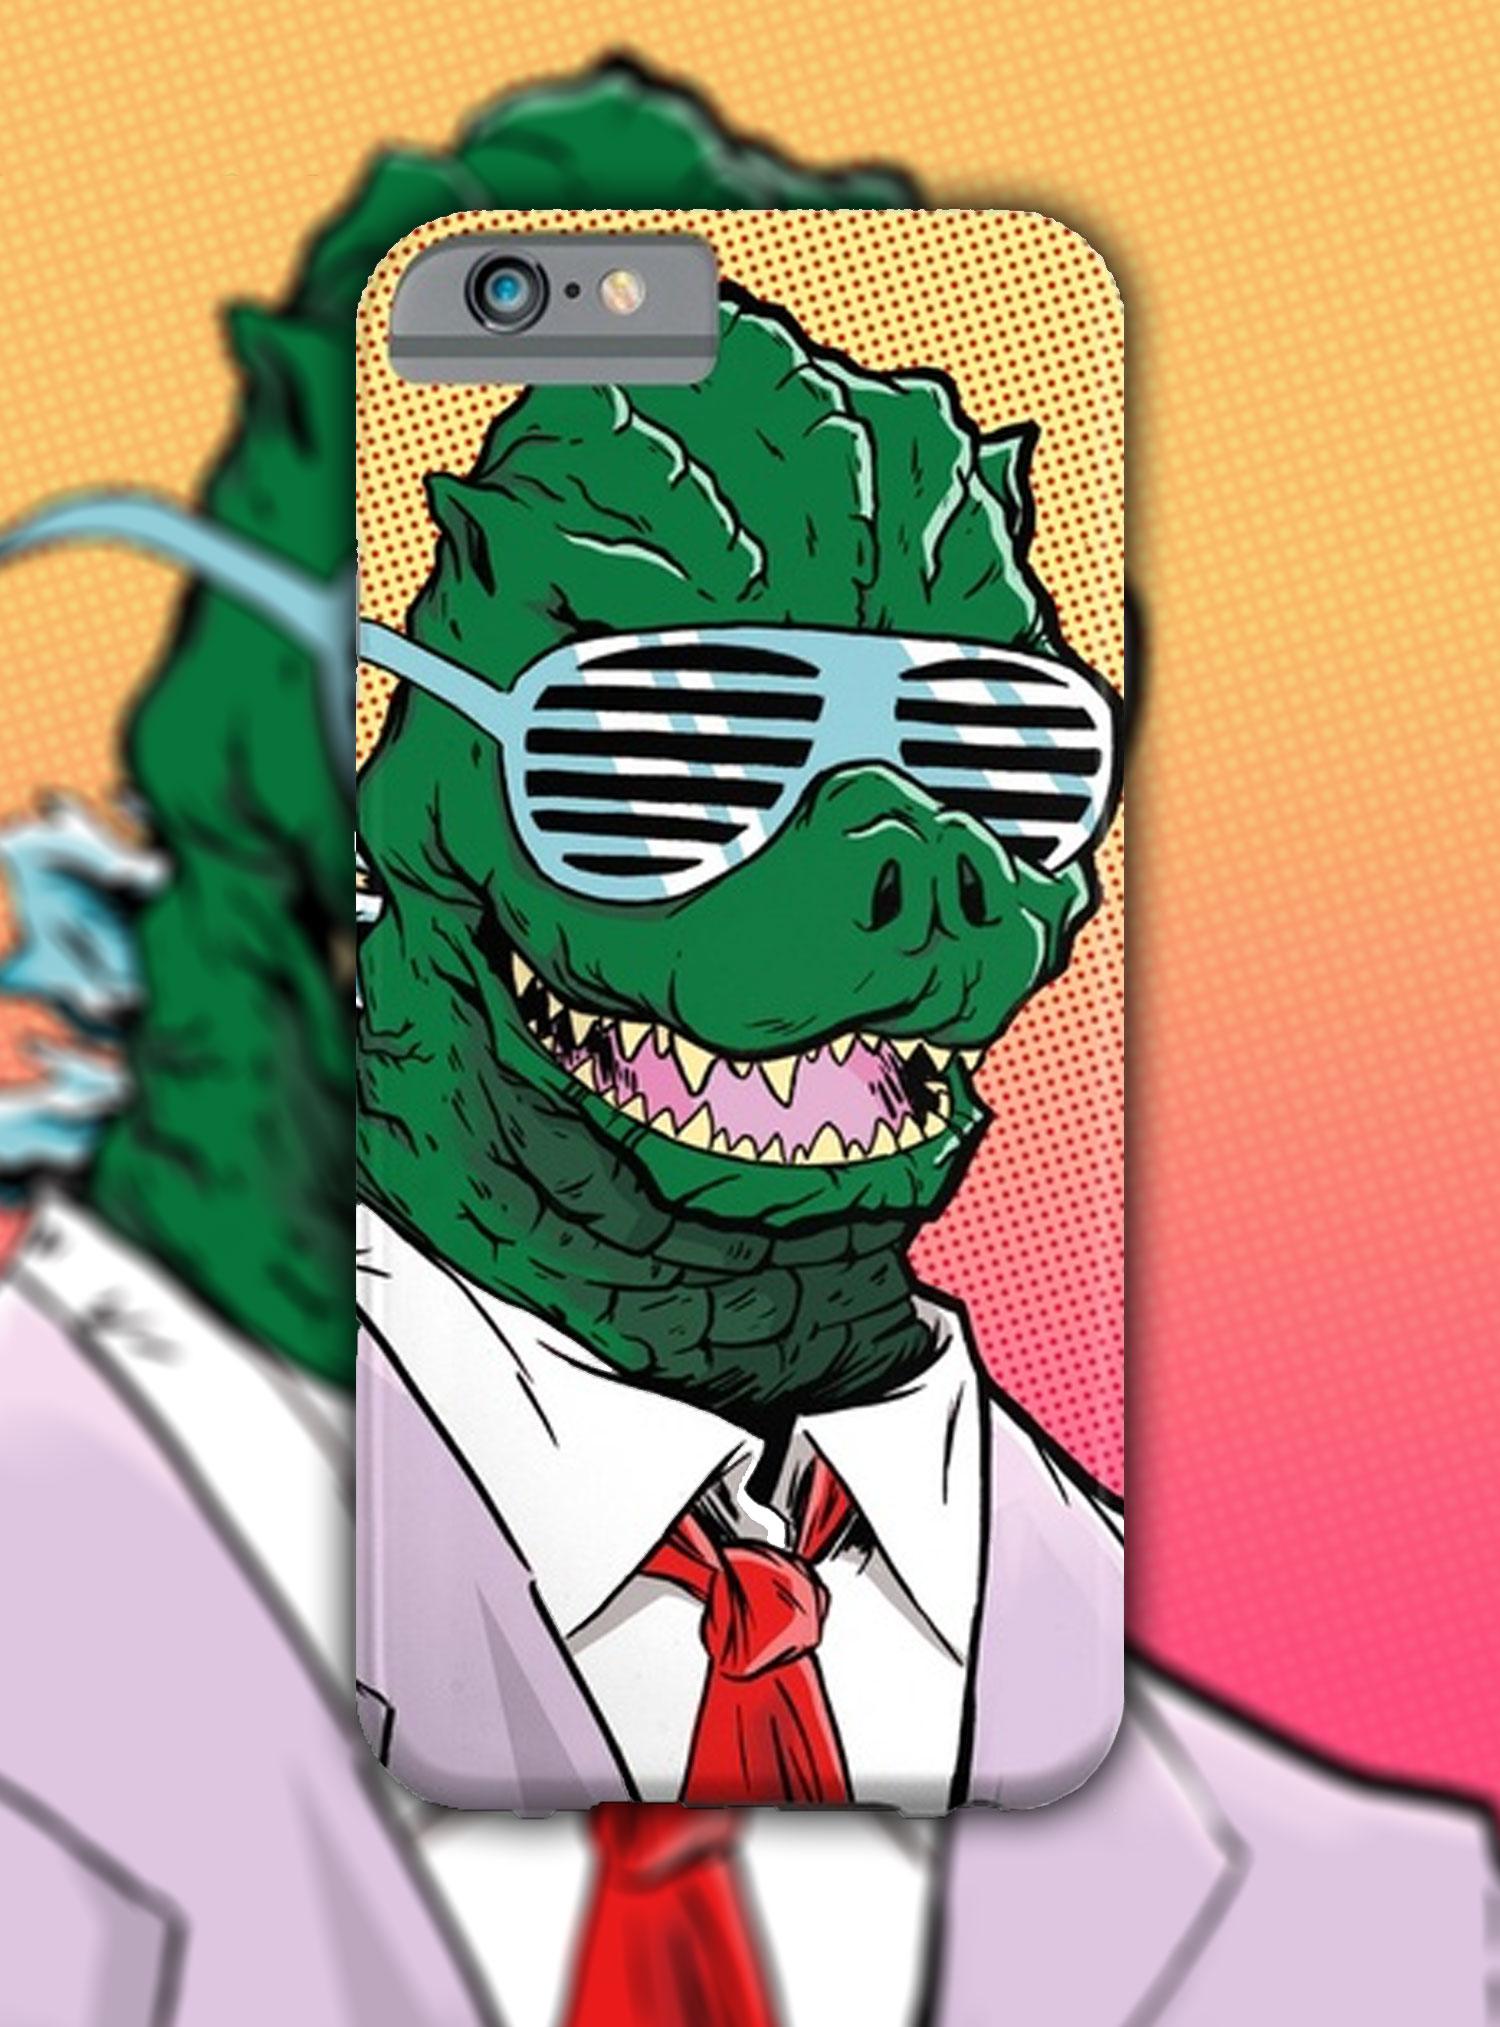 KaijuKoolKidsGPortPiecePhone